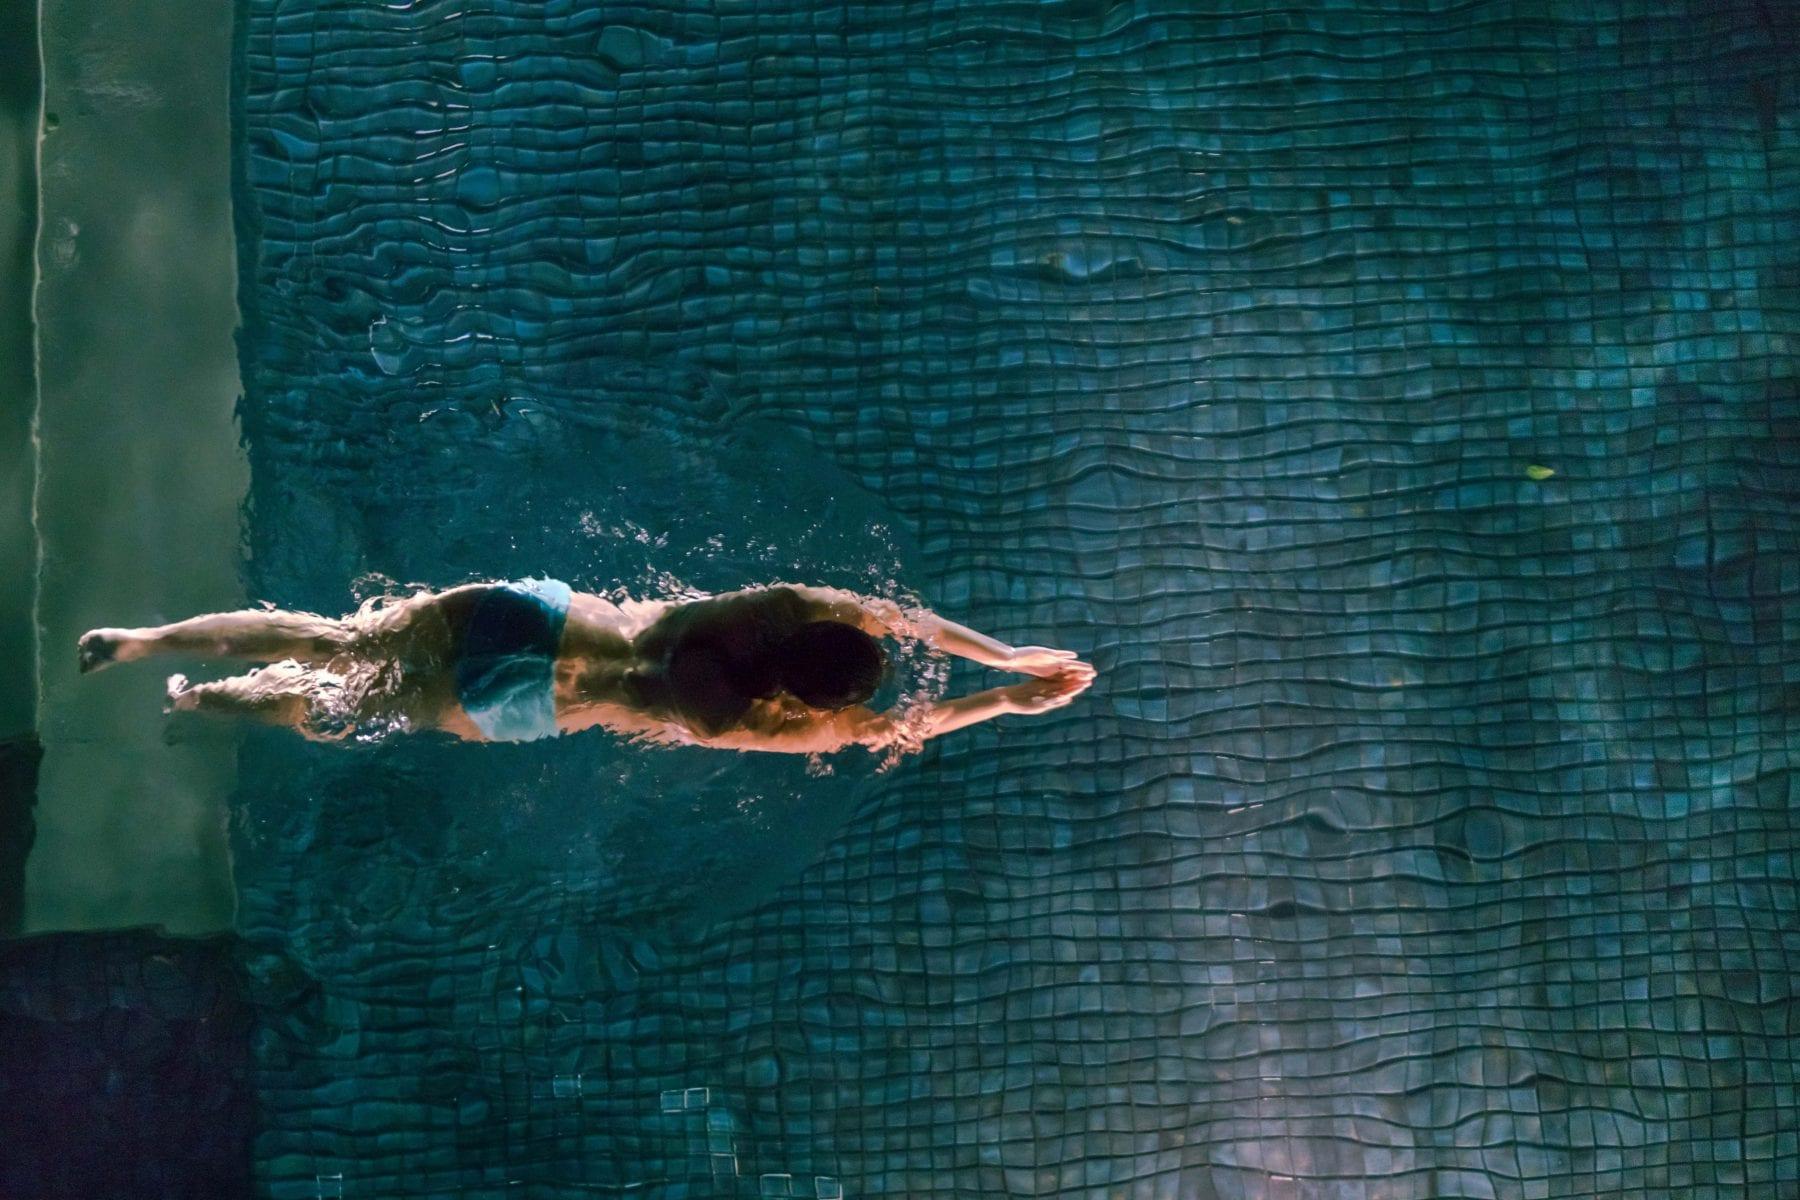 lallenamento di nuoto perde pesona